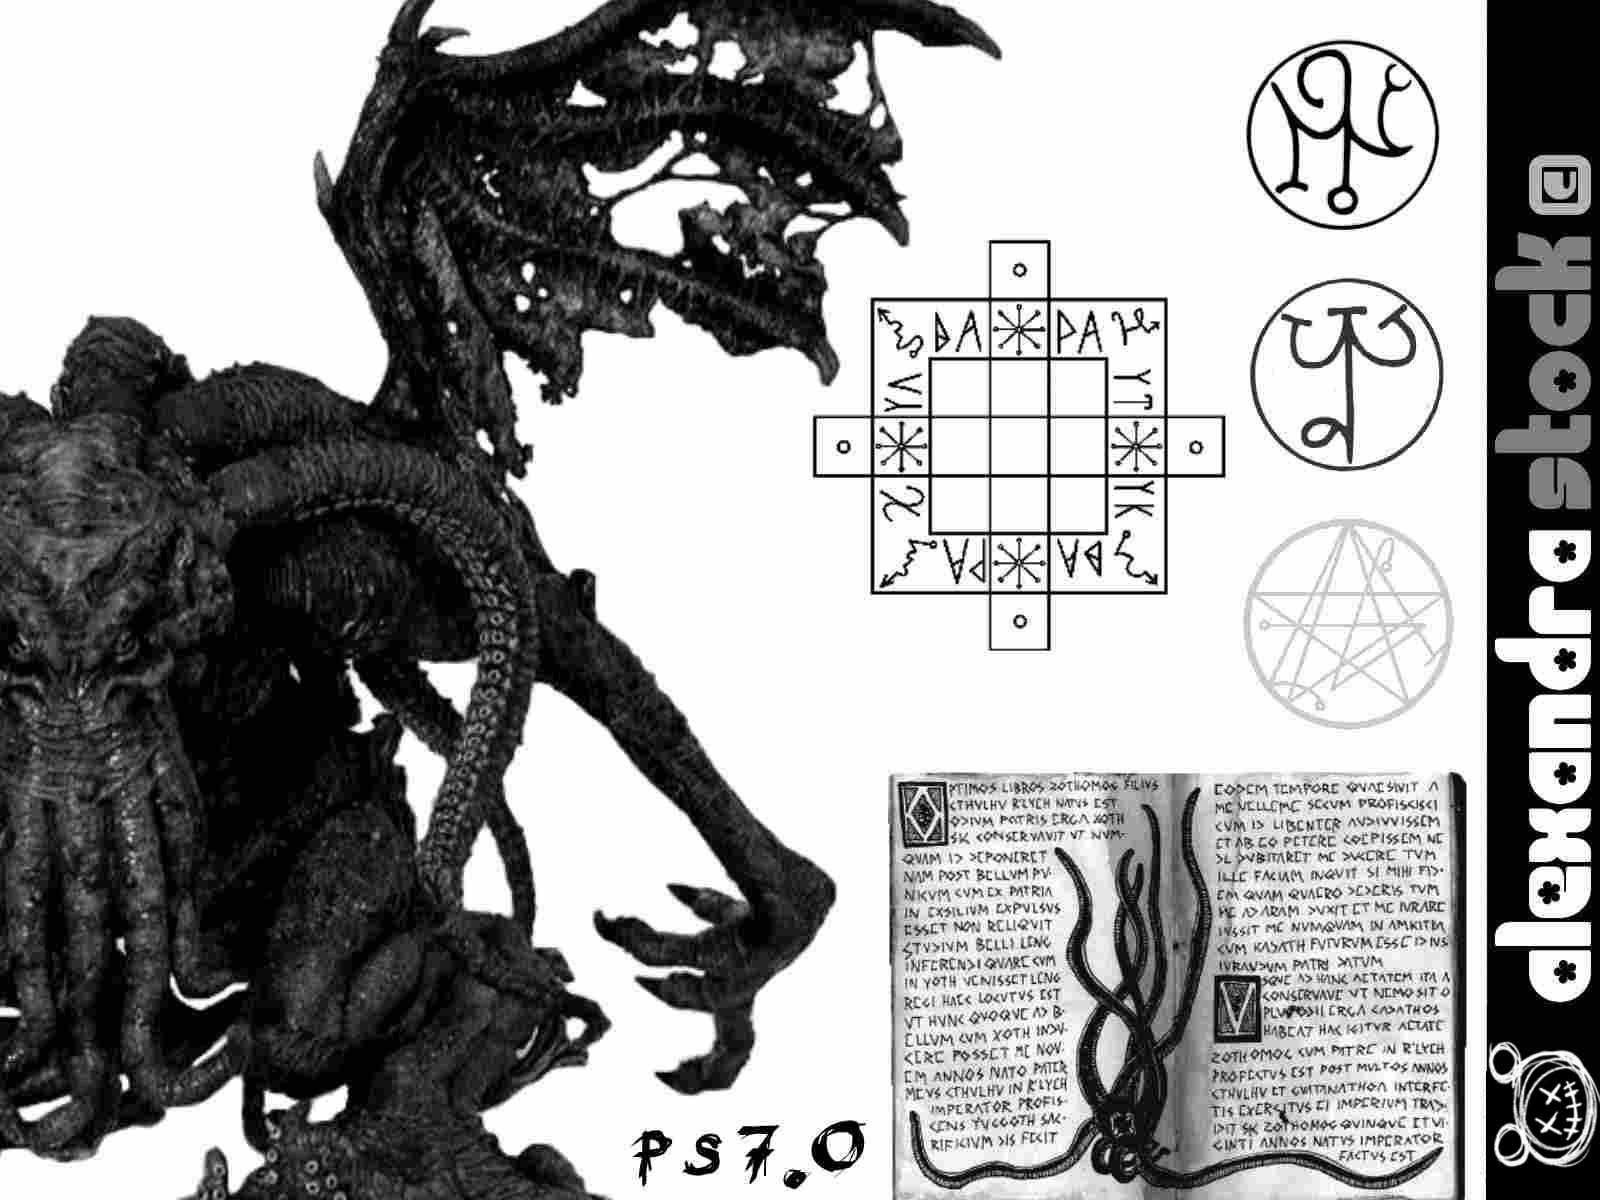 恶魔、魔鬼符文标记PS笔刷素材下载